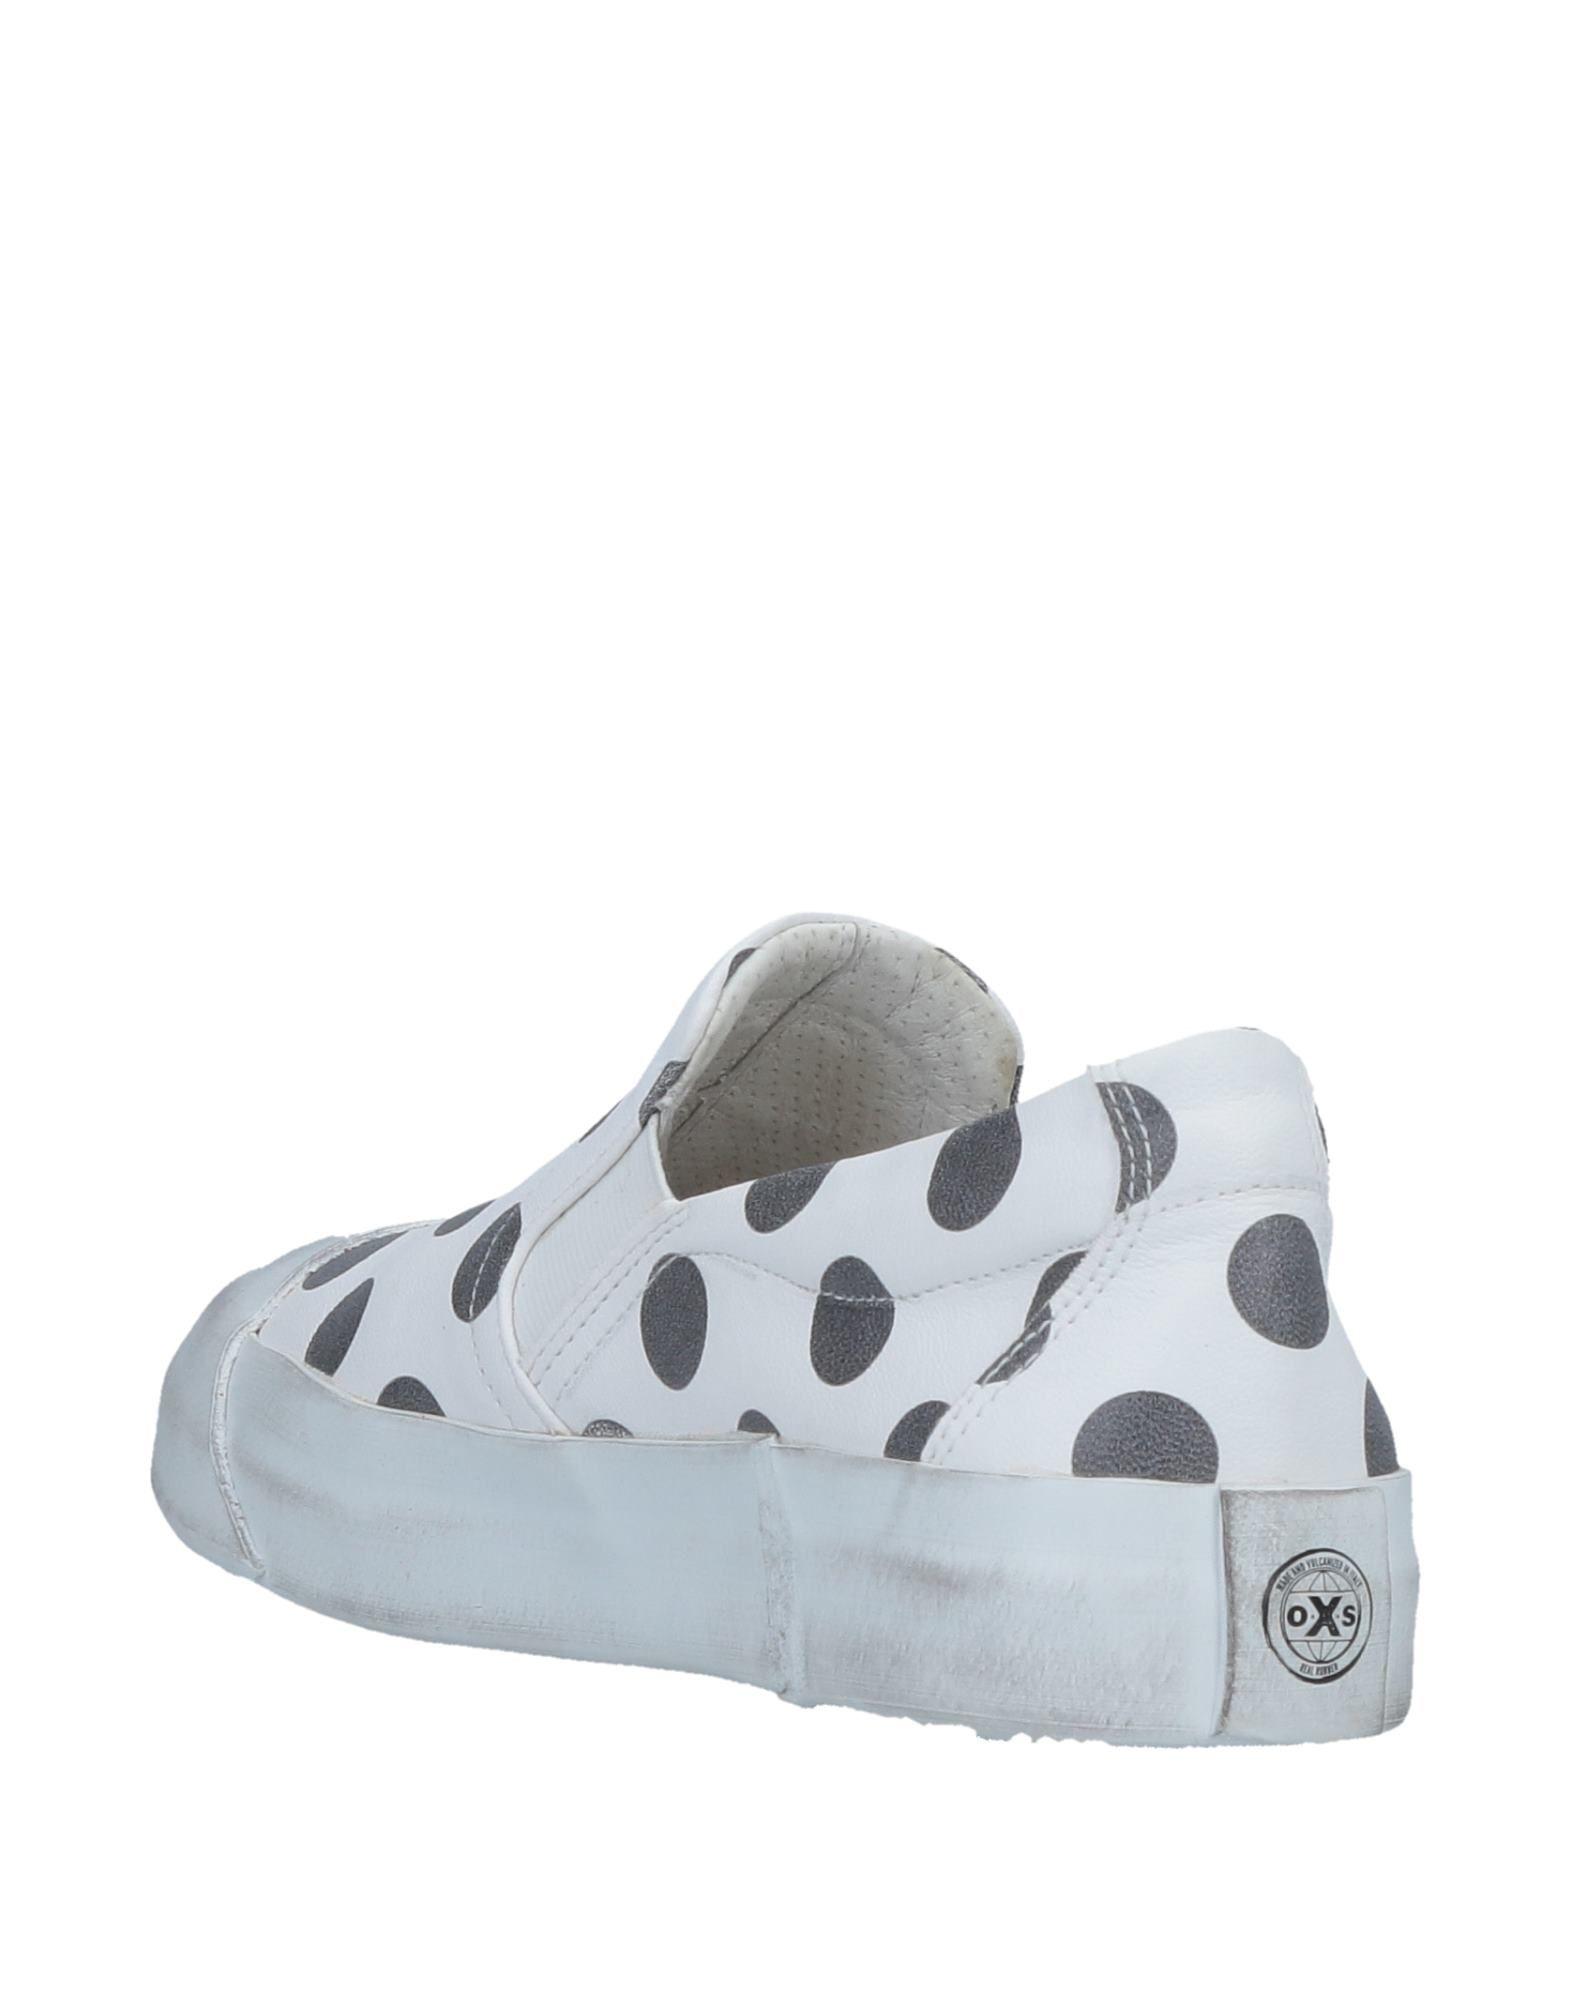 O.X.S. Sneakers Damen beliebte  11509943IW Gute Qualität beliebte Damen Schuhe 823018